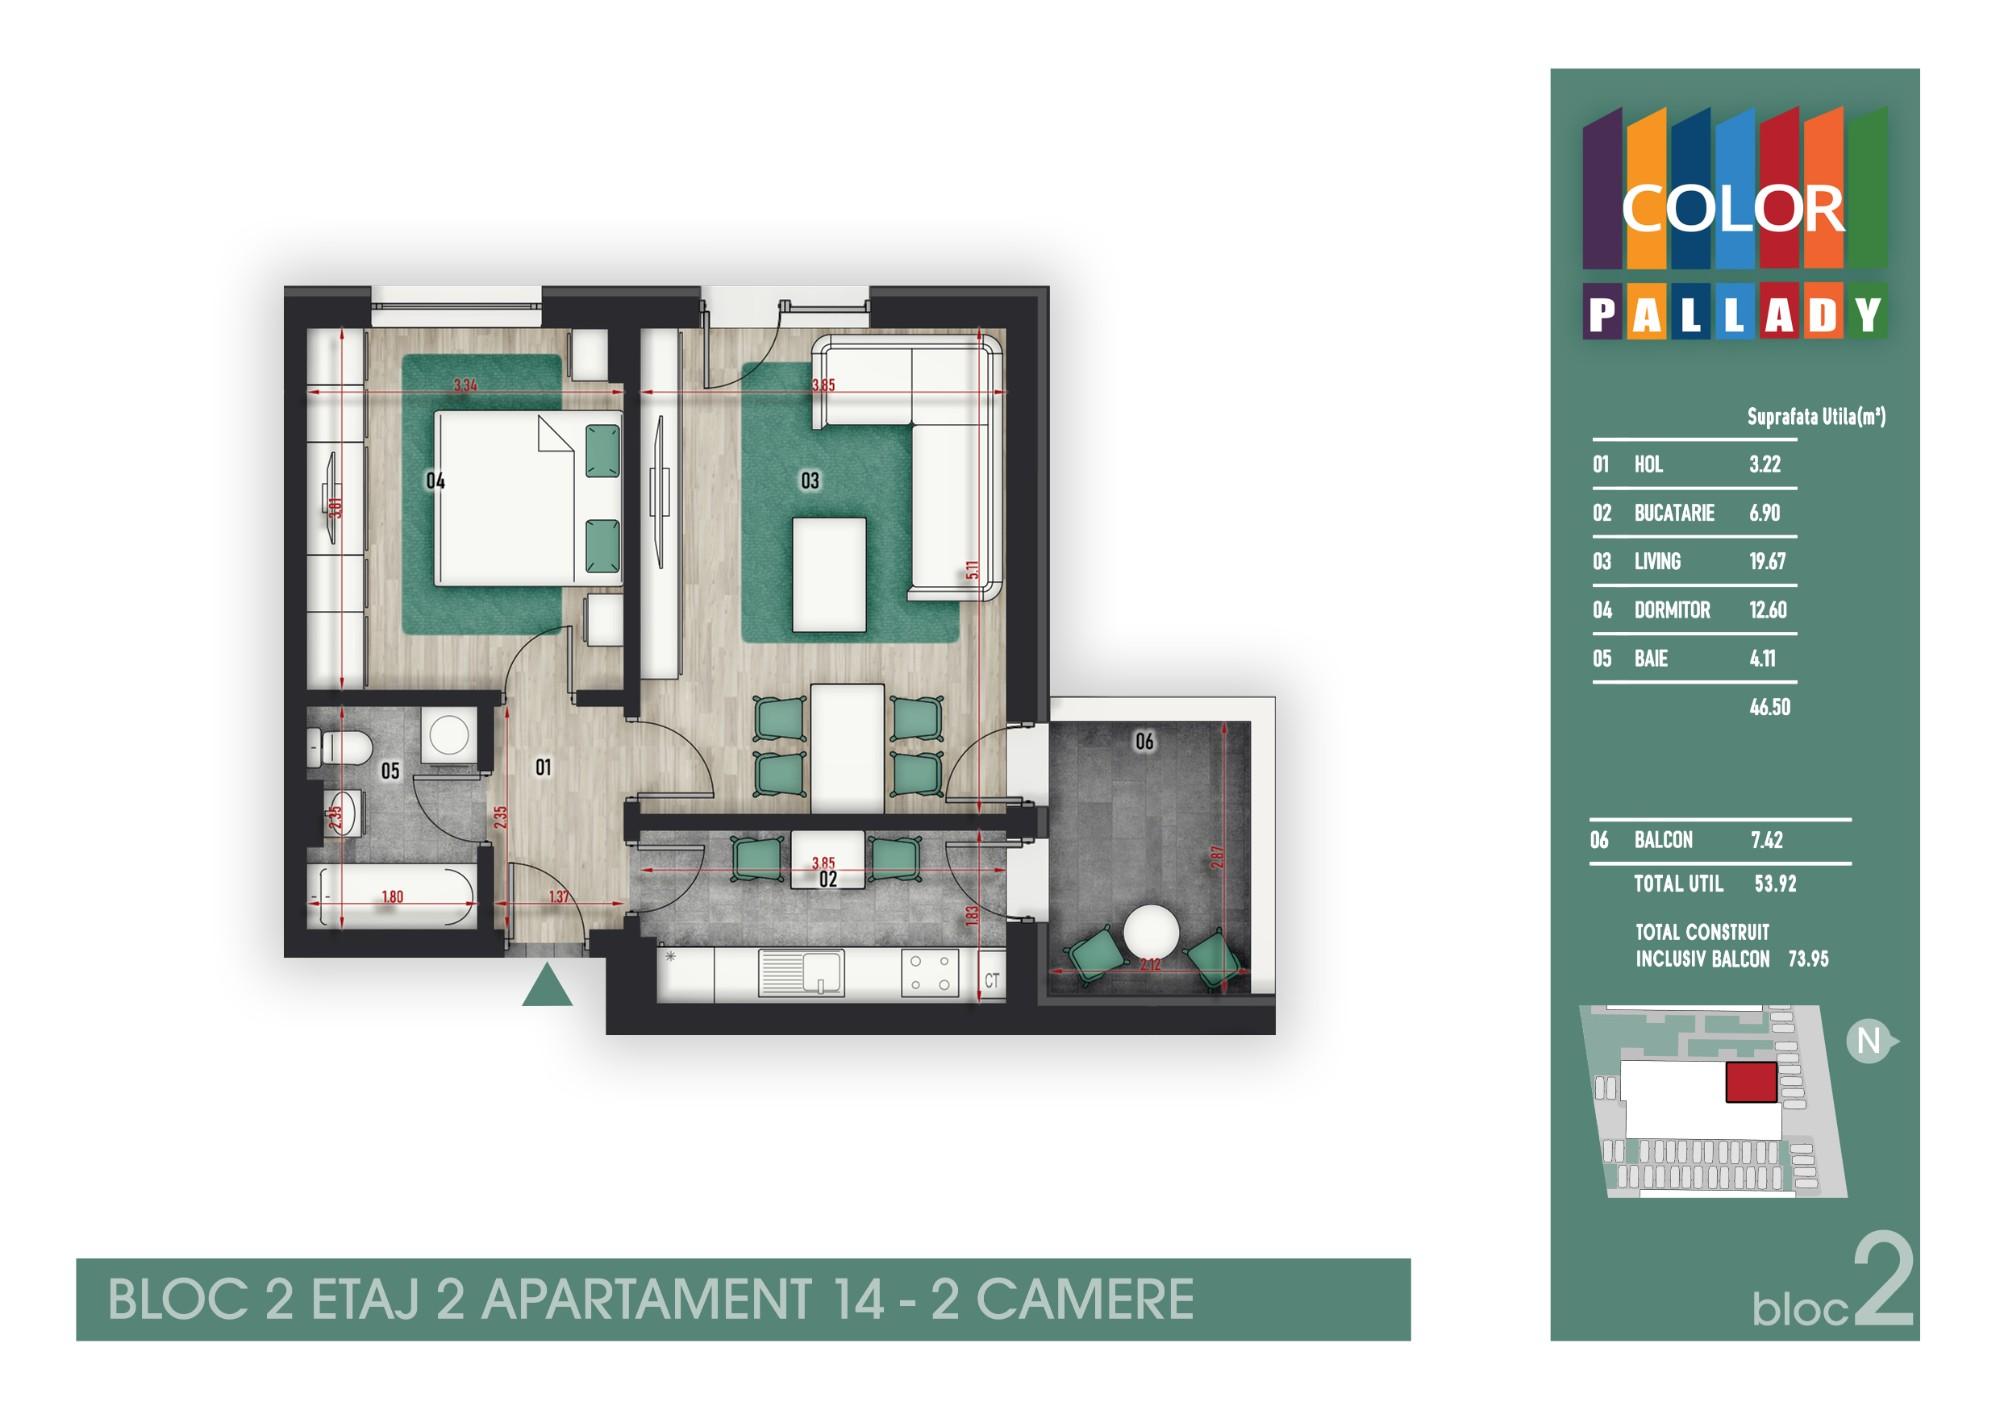 Bloc 2 - Etaj 2 - Apartament 14